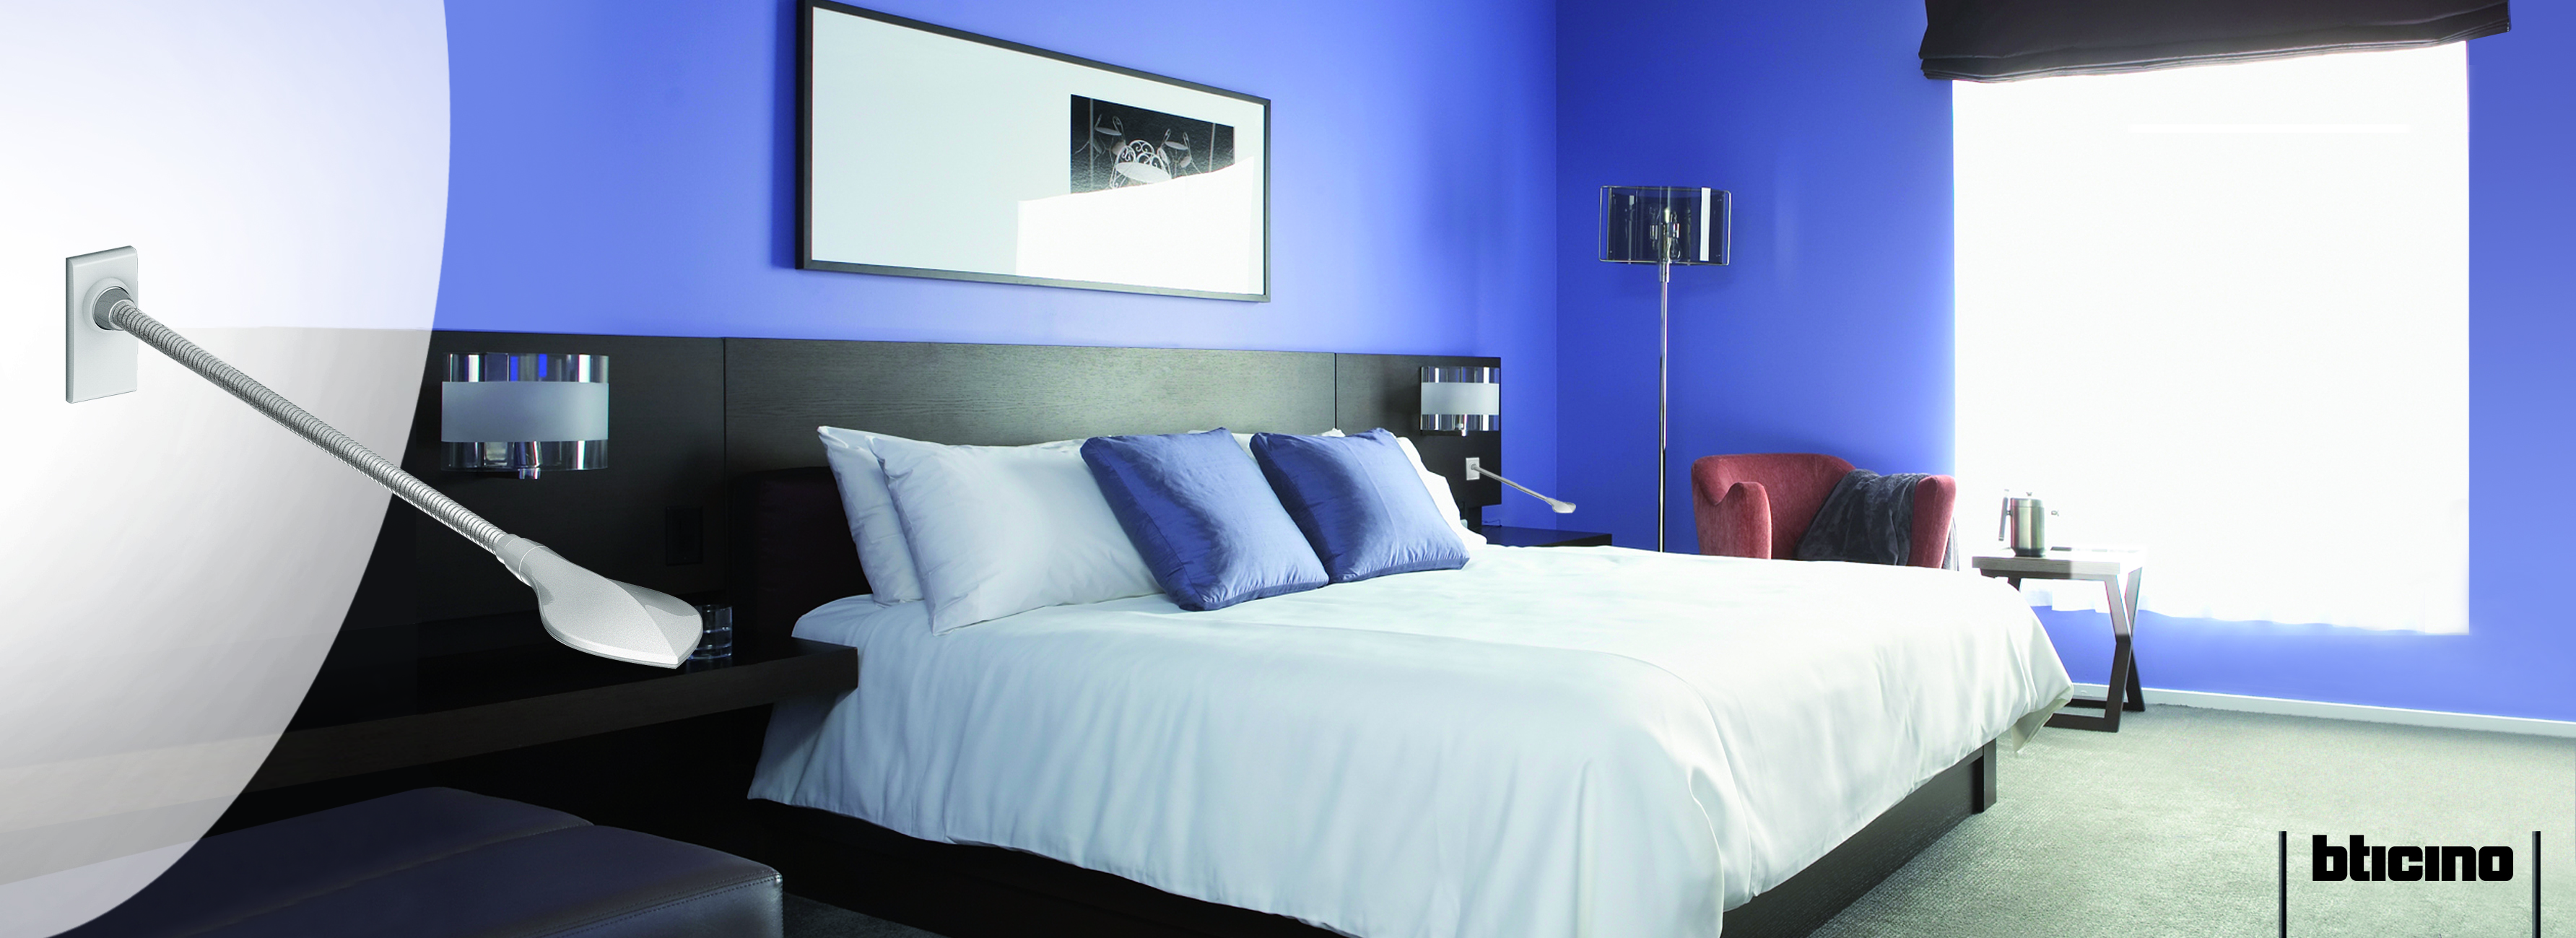 Leselampen f r schlafzimmer schlafzimmer eiche rustikal brombeer m bel f r kleine renovierung - Brombeer wandfarbe ...